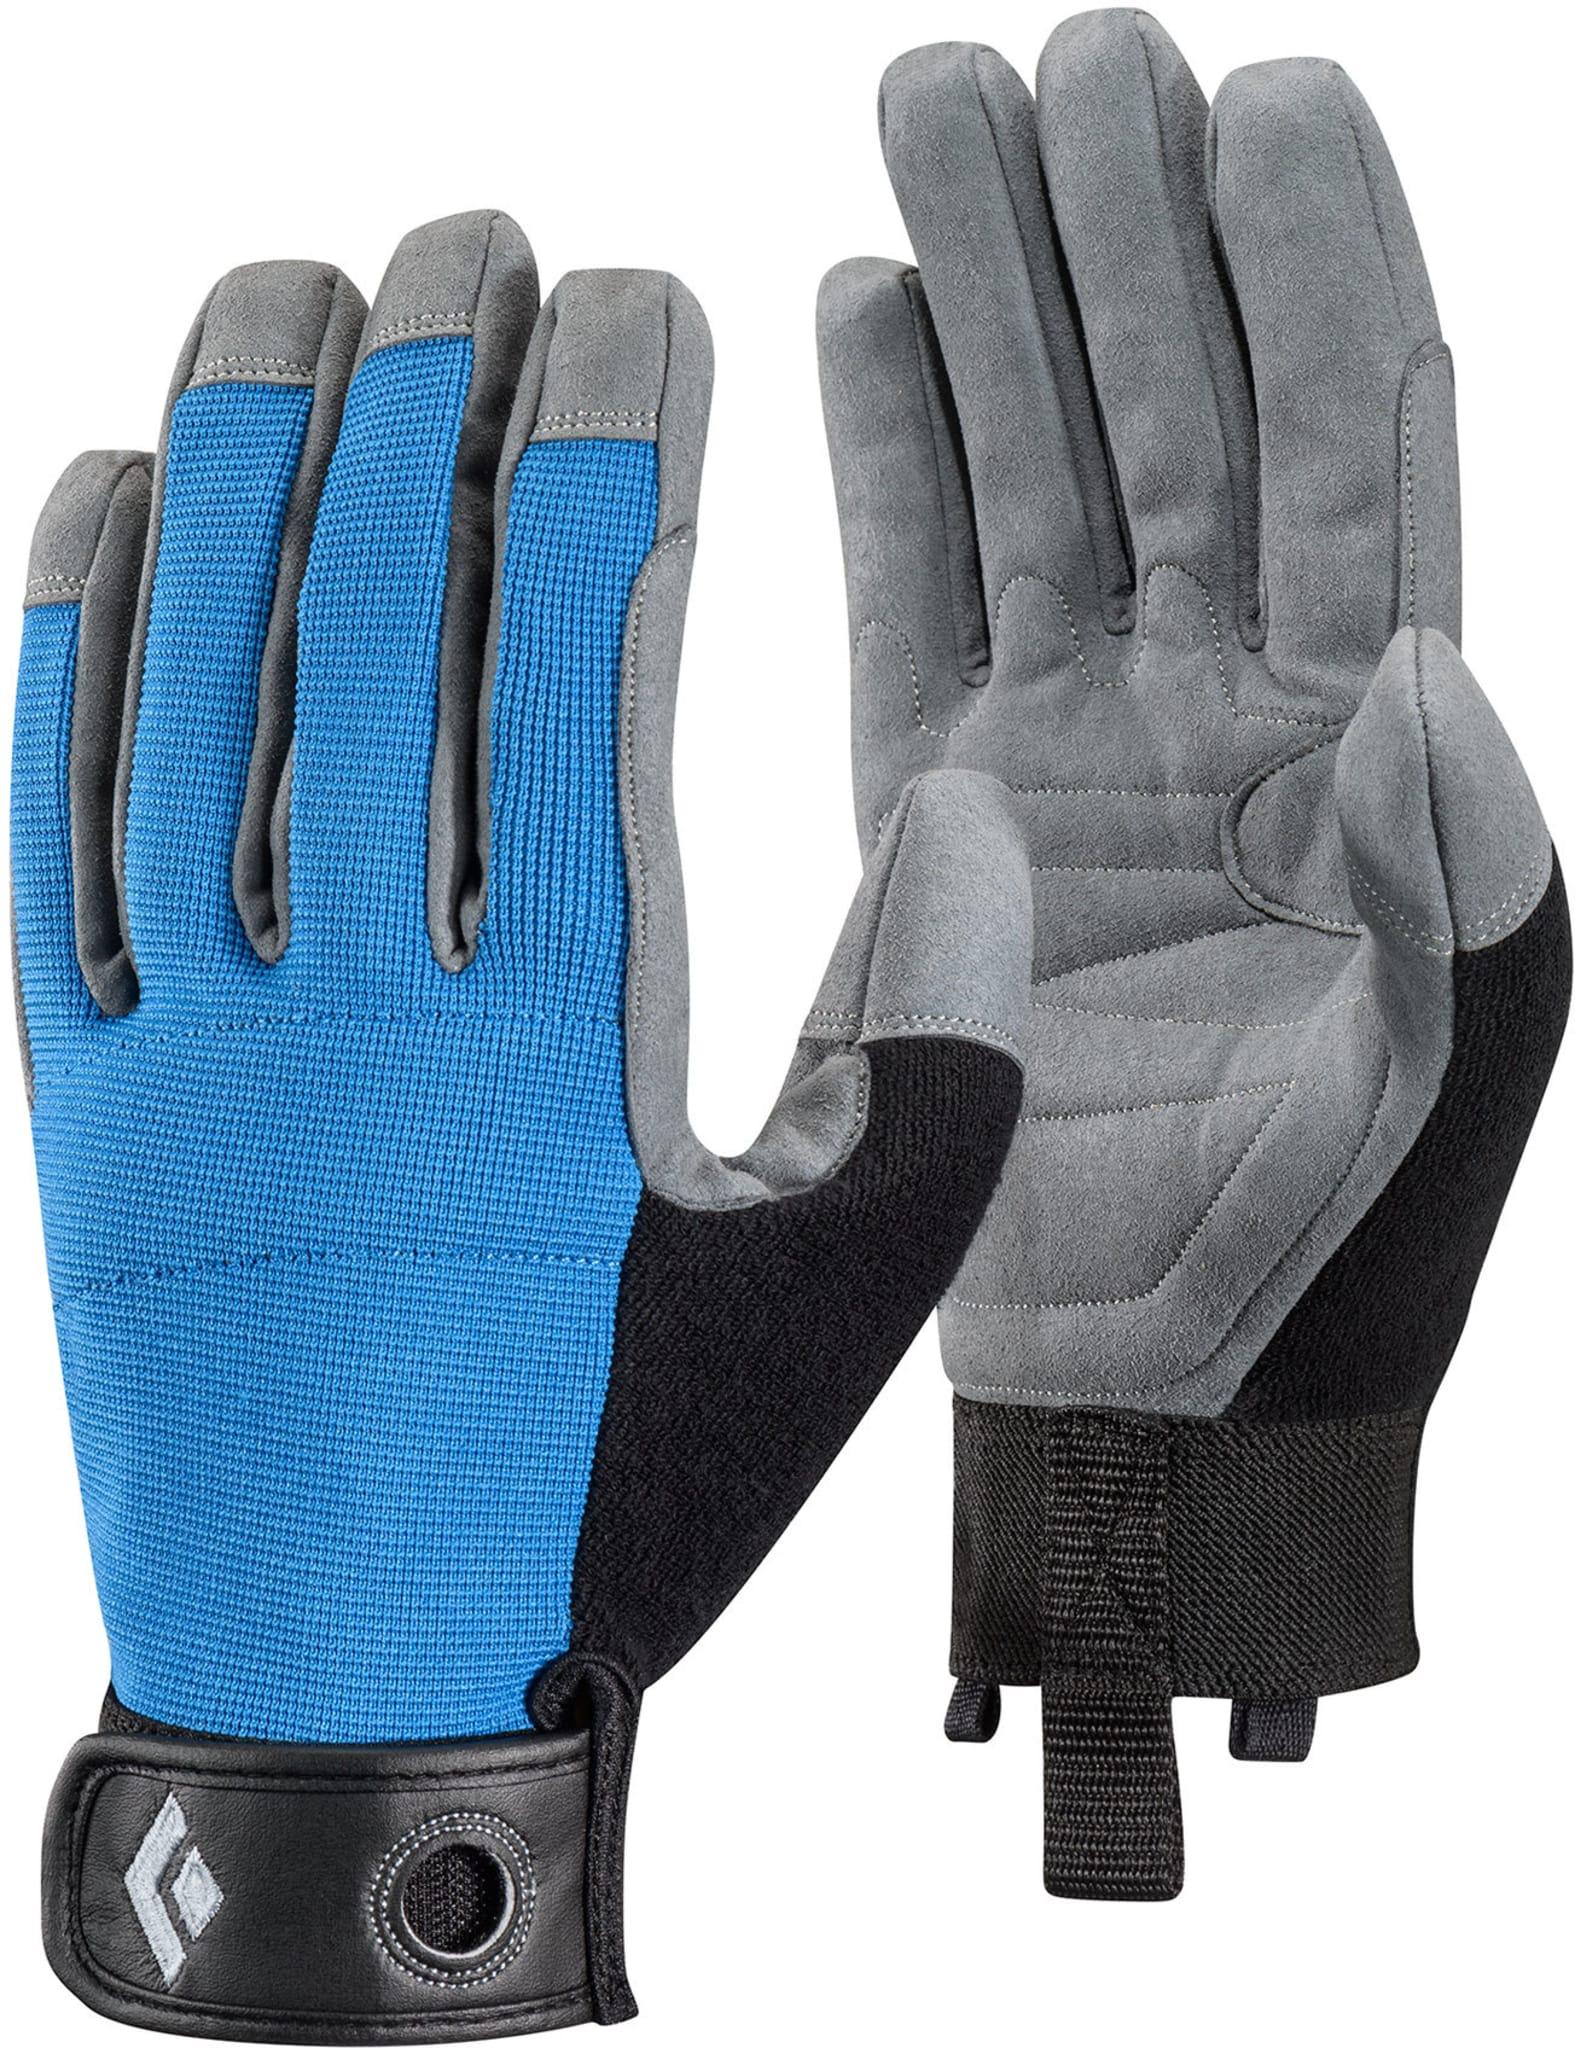 Lett, luftig og slitesterk hanske for sikring, rappeller og annen taukontakt